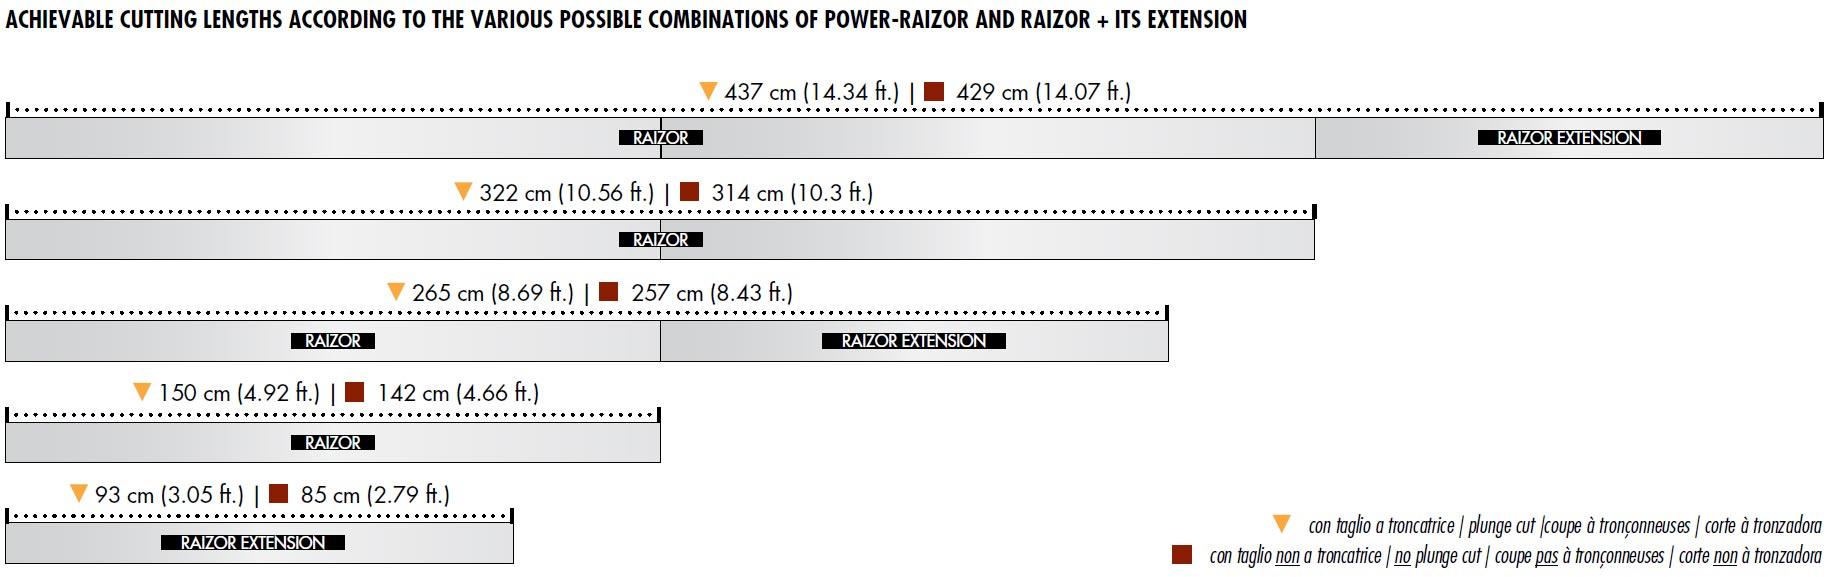 Raimondi s p a  professional tile tools POWER RAIZOR for 45